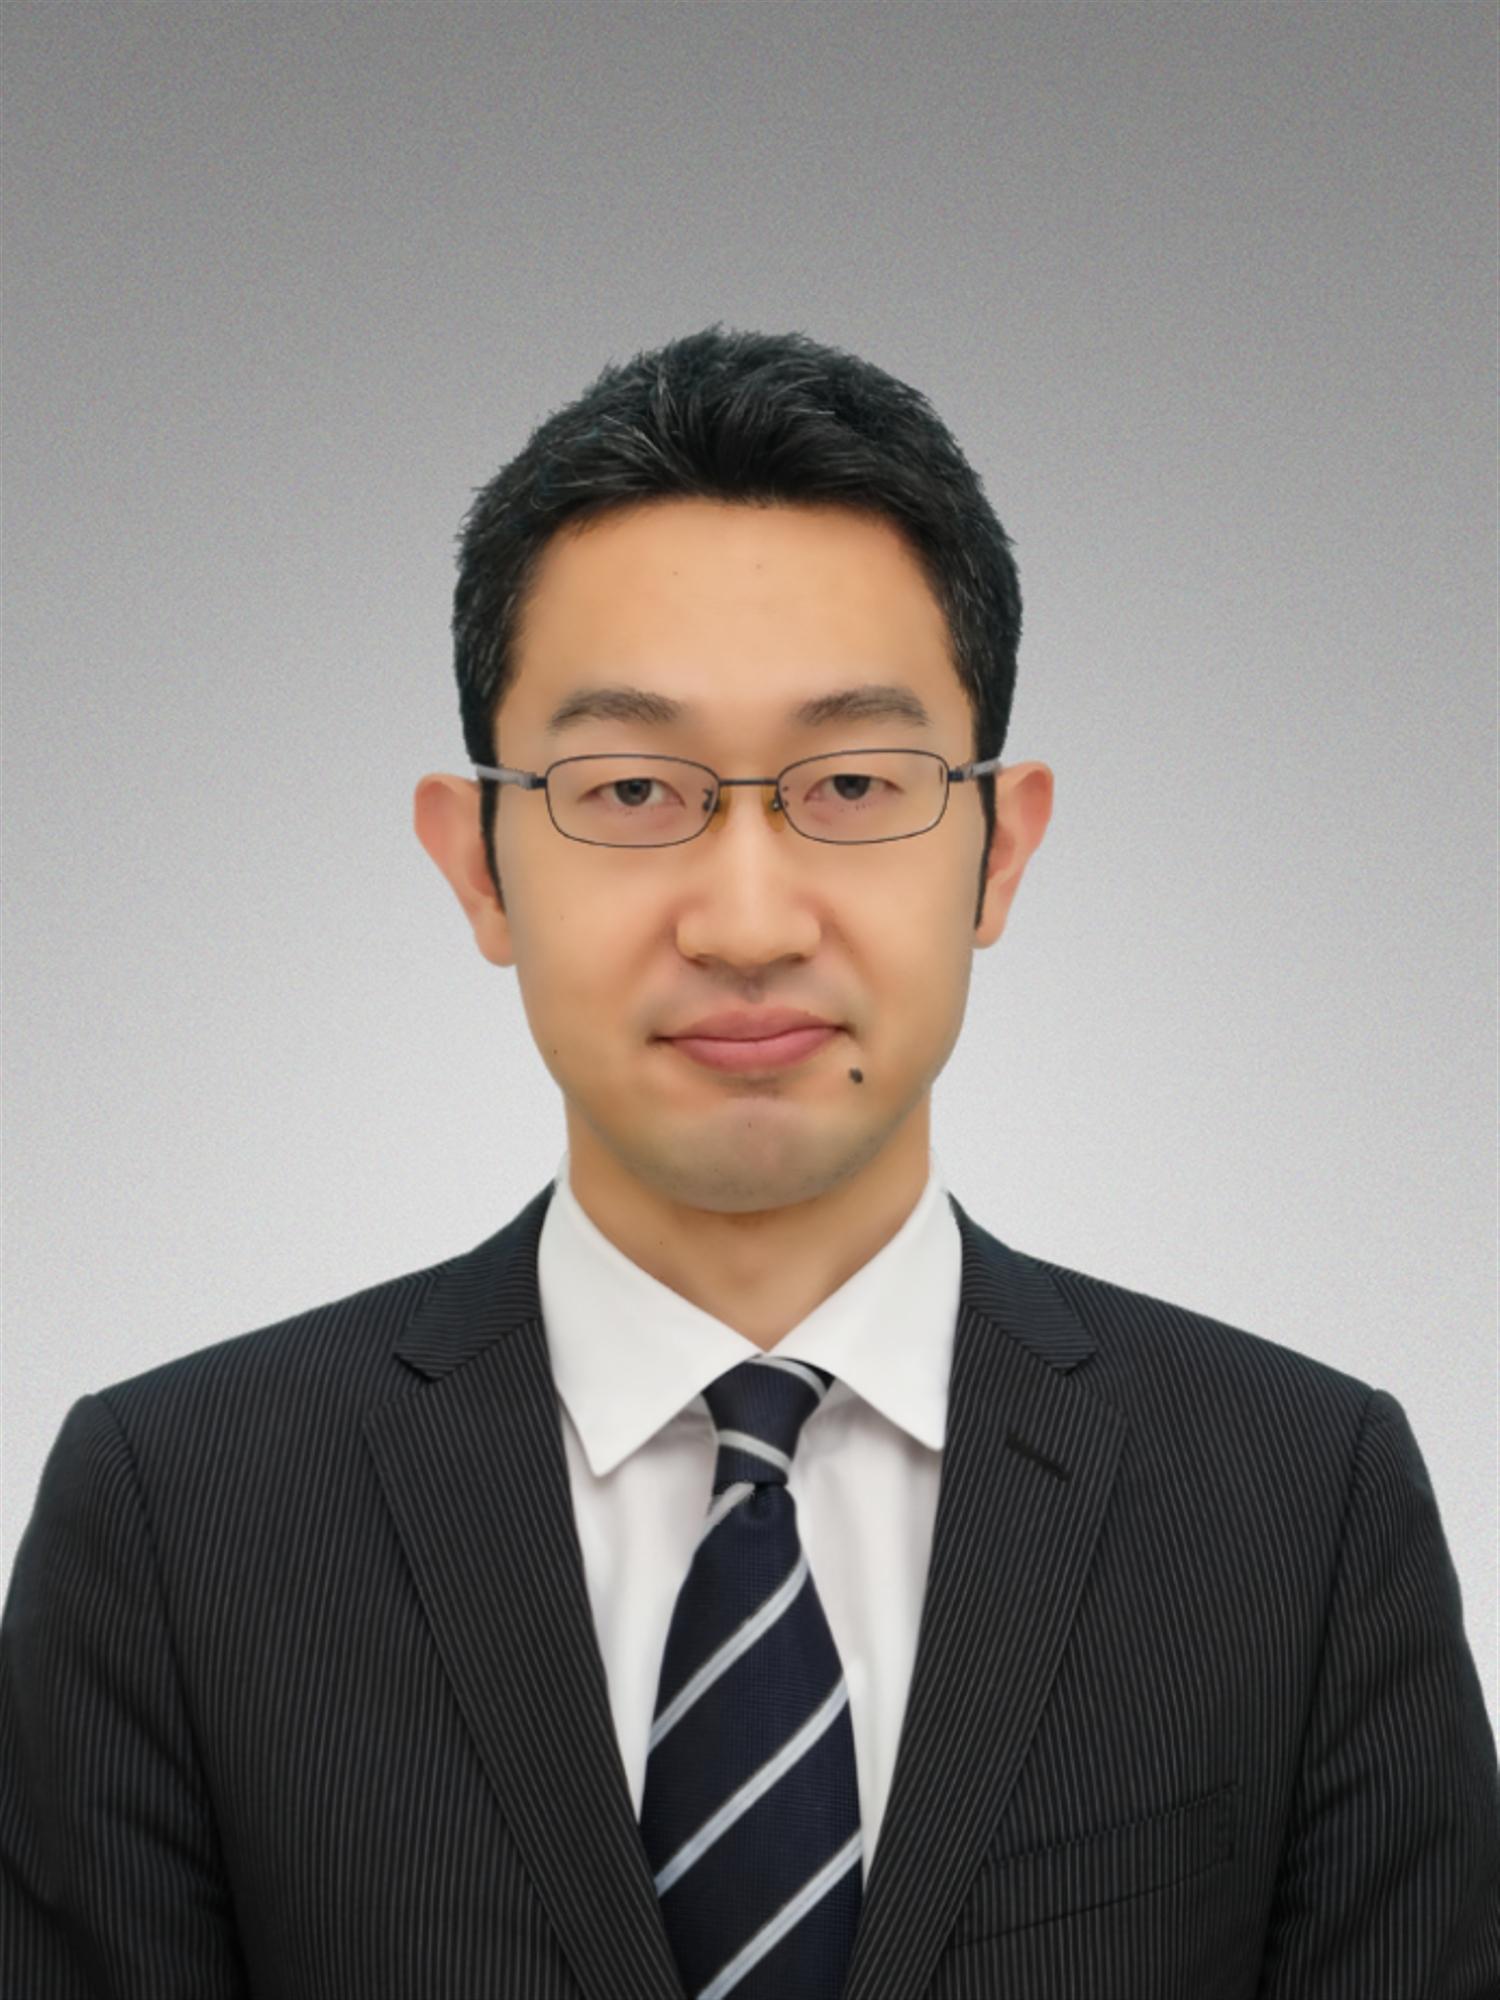 慶應義塾大学医学部 内科学教室 腎臓内分泌代謝内科 木内謙一郎先生